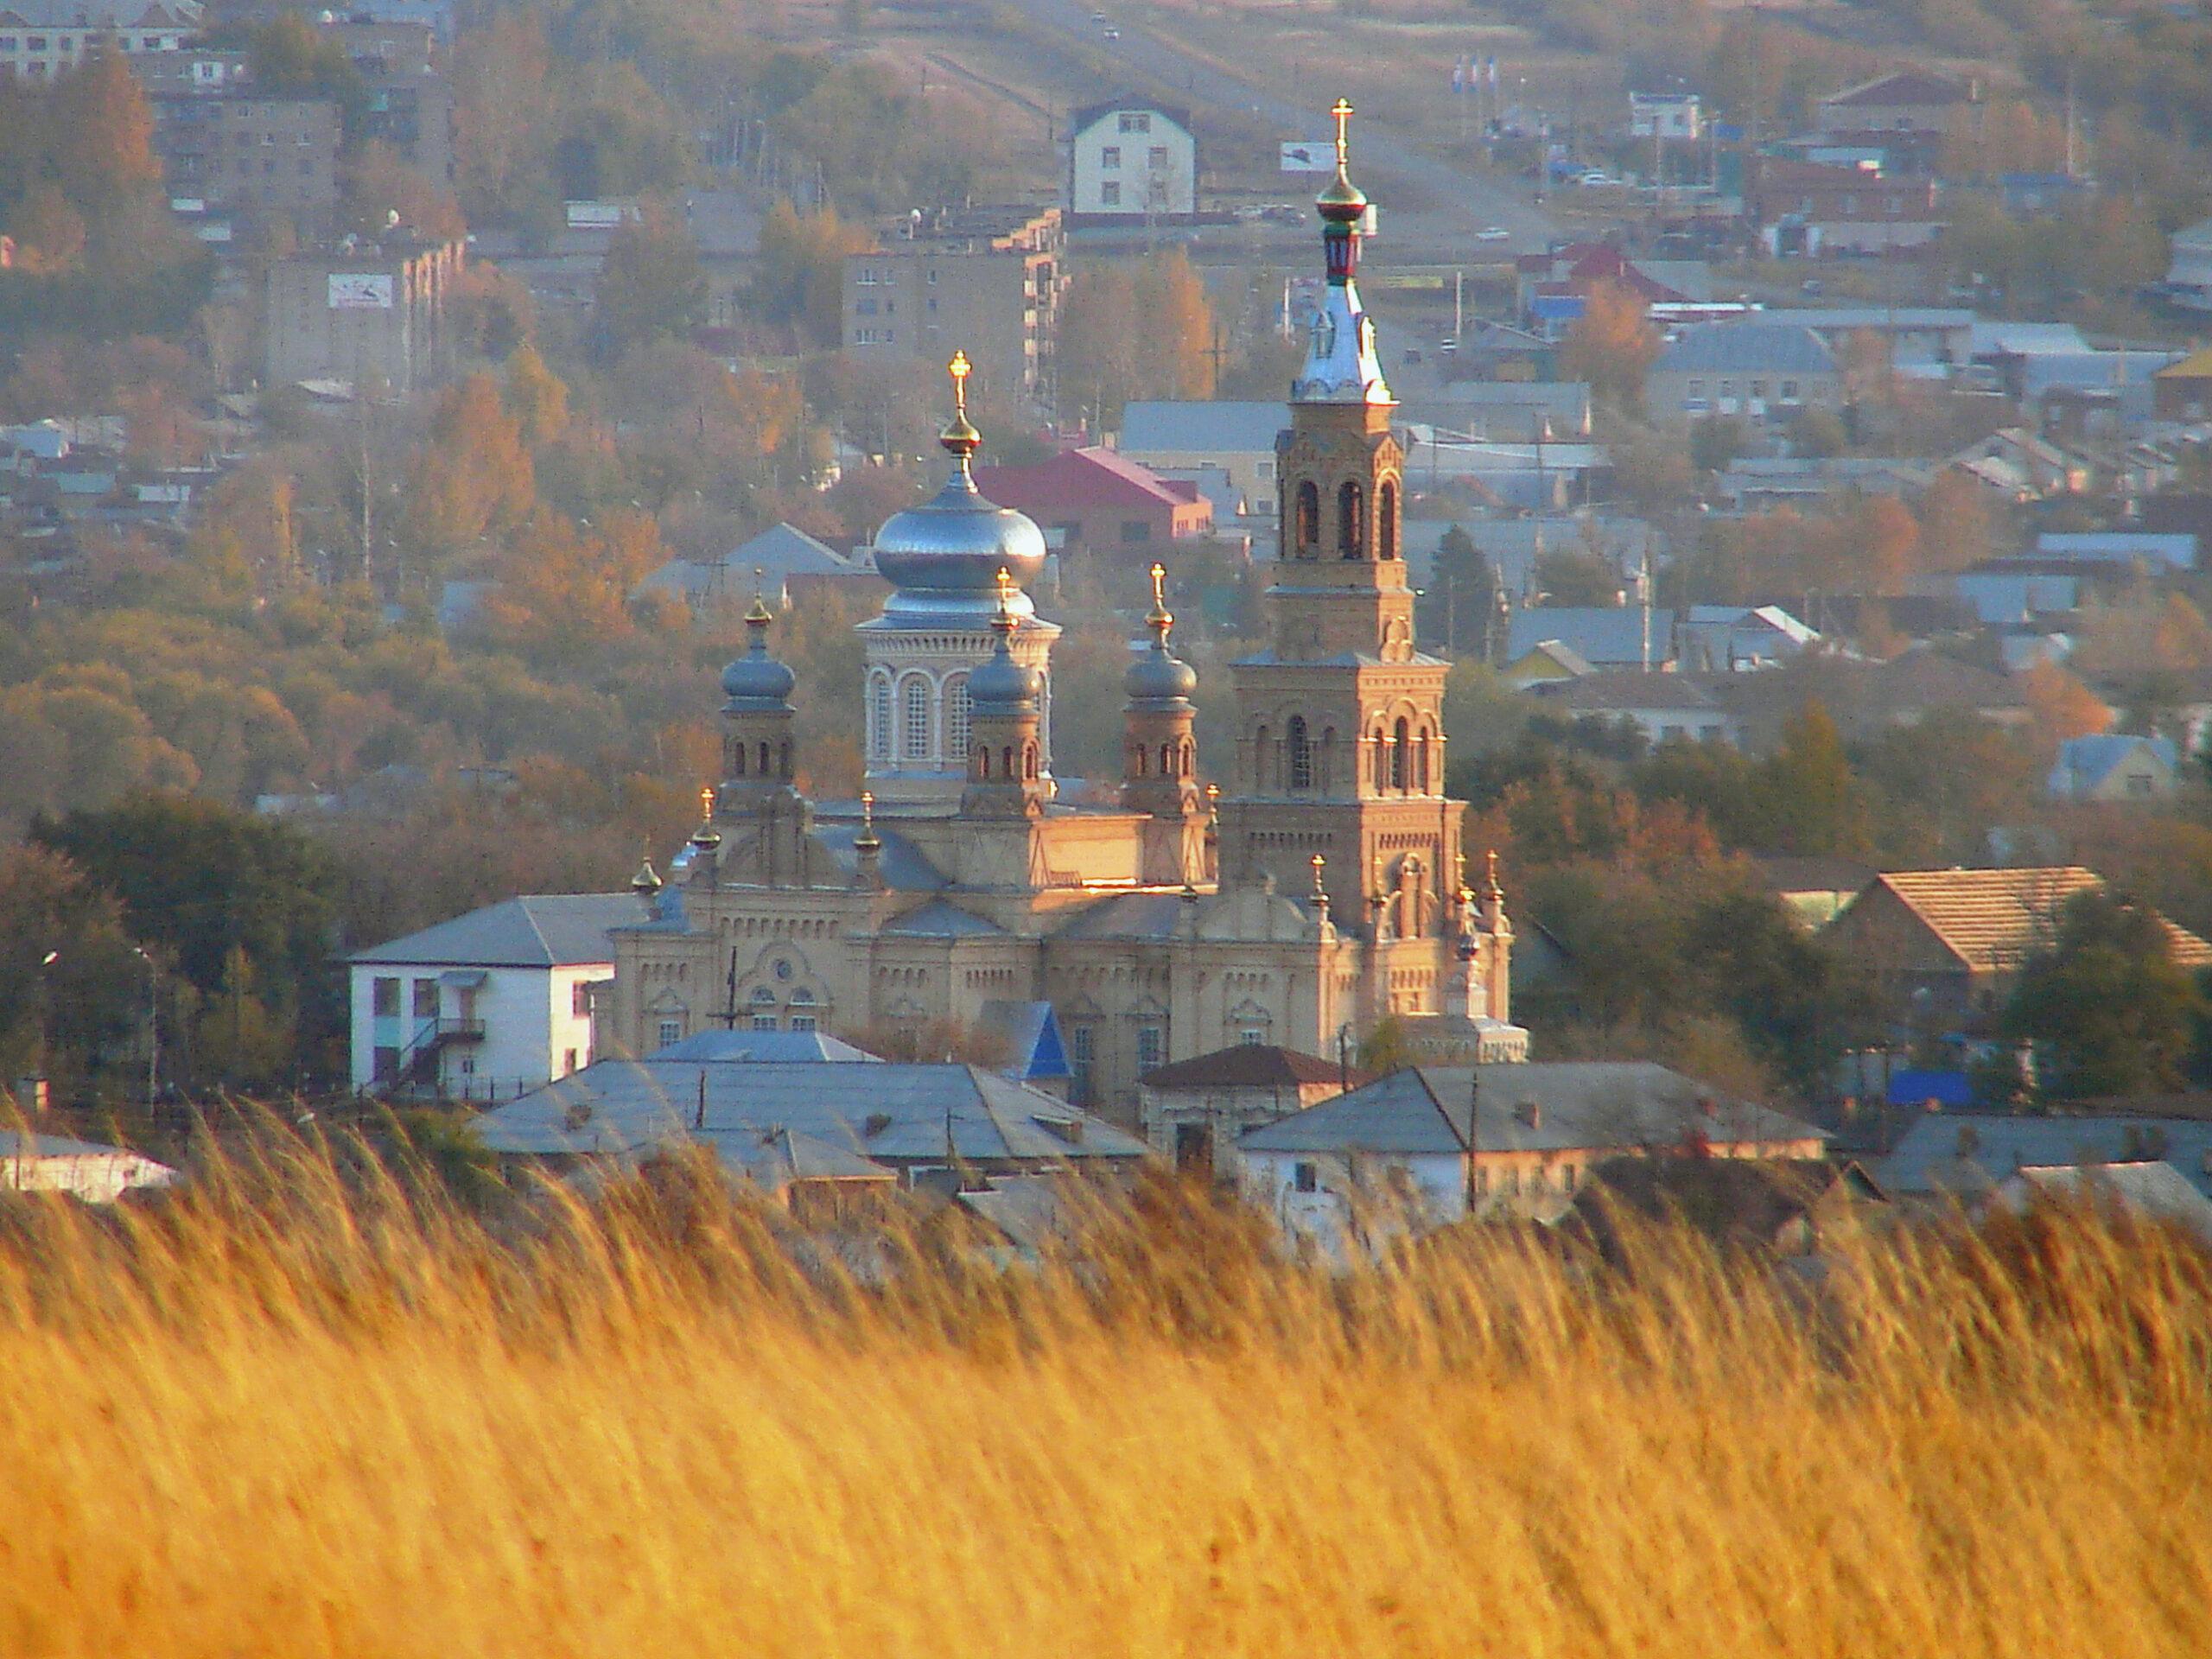 Малые города - удивительные достопримечательности -2020: Сорочинск — интерактивная карта